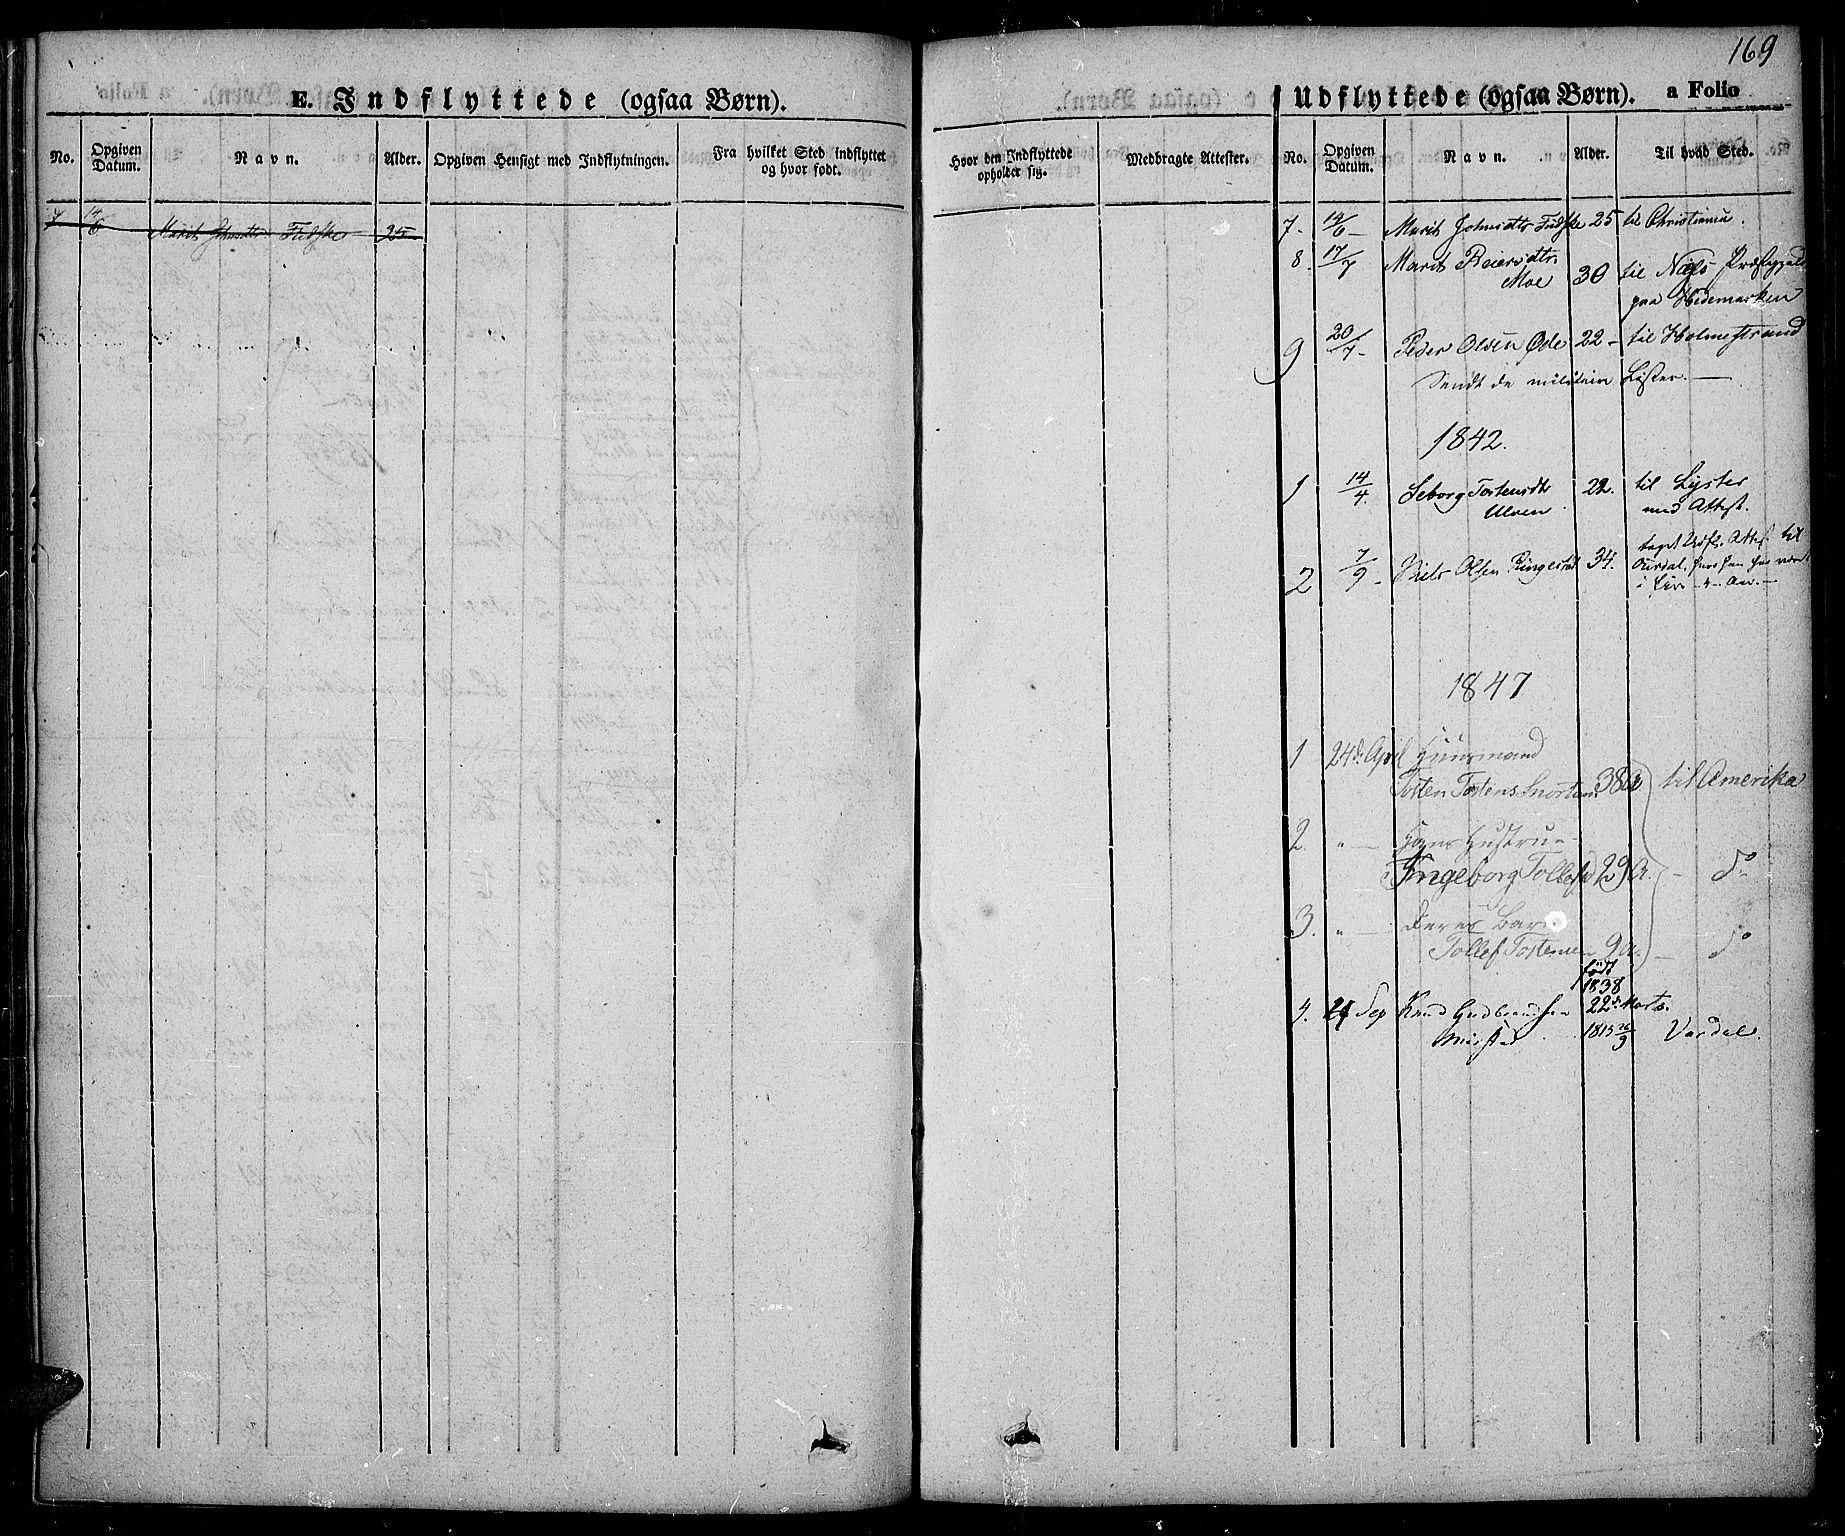 SAH, Slidre prestekontor, Ministerialbok nr. 3, 1831-1843, s. 169